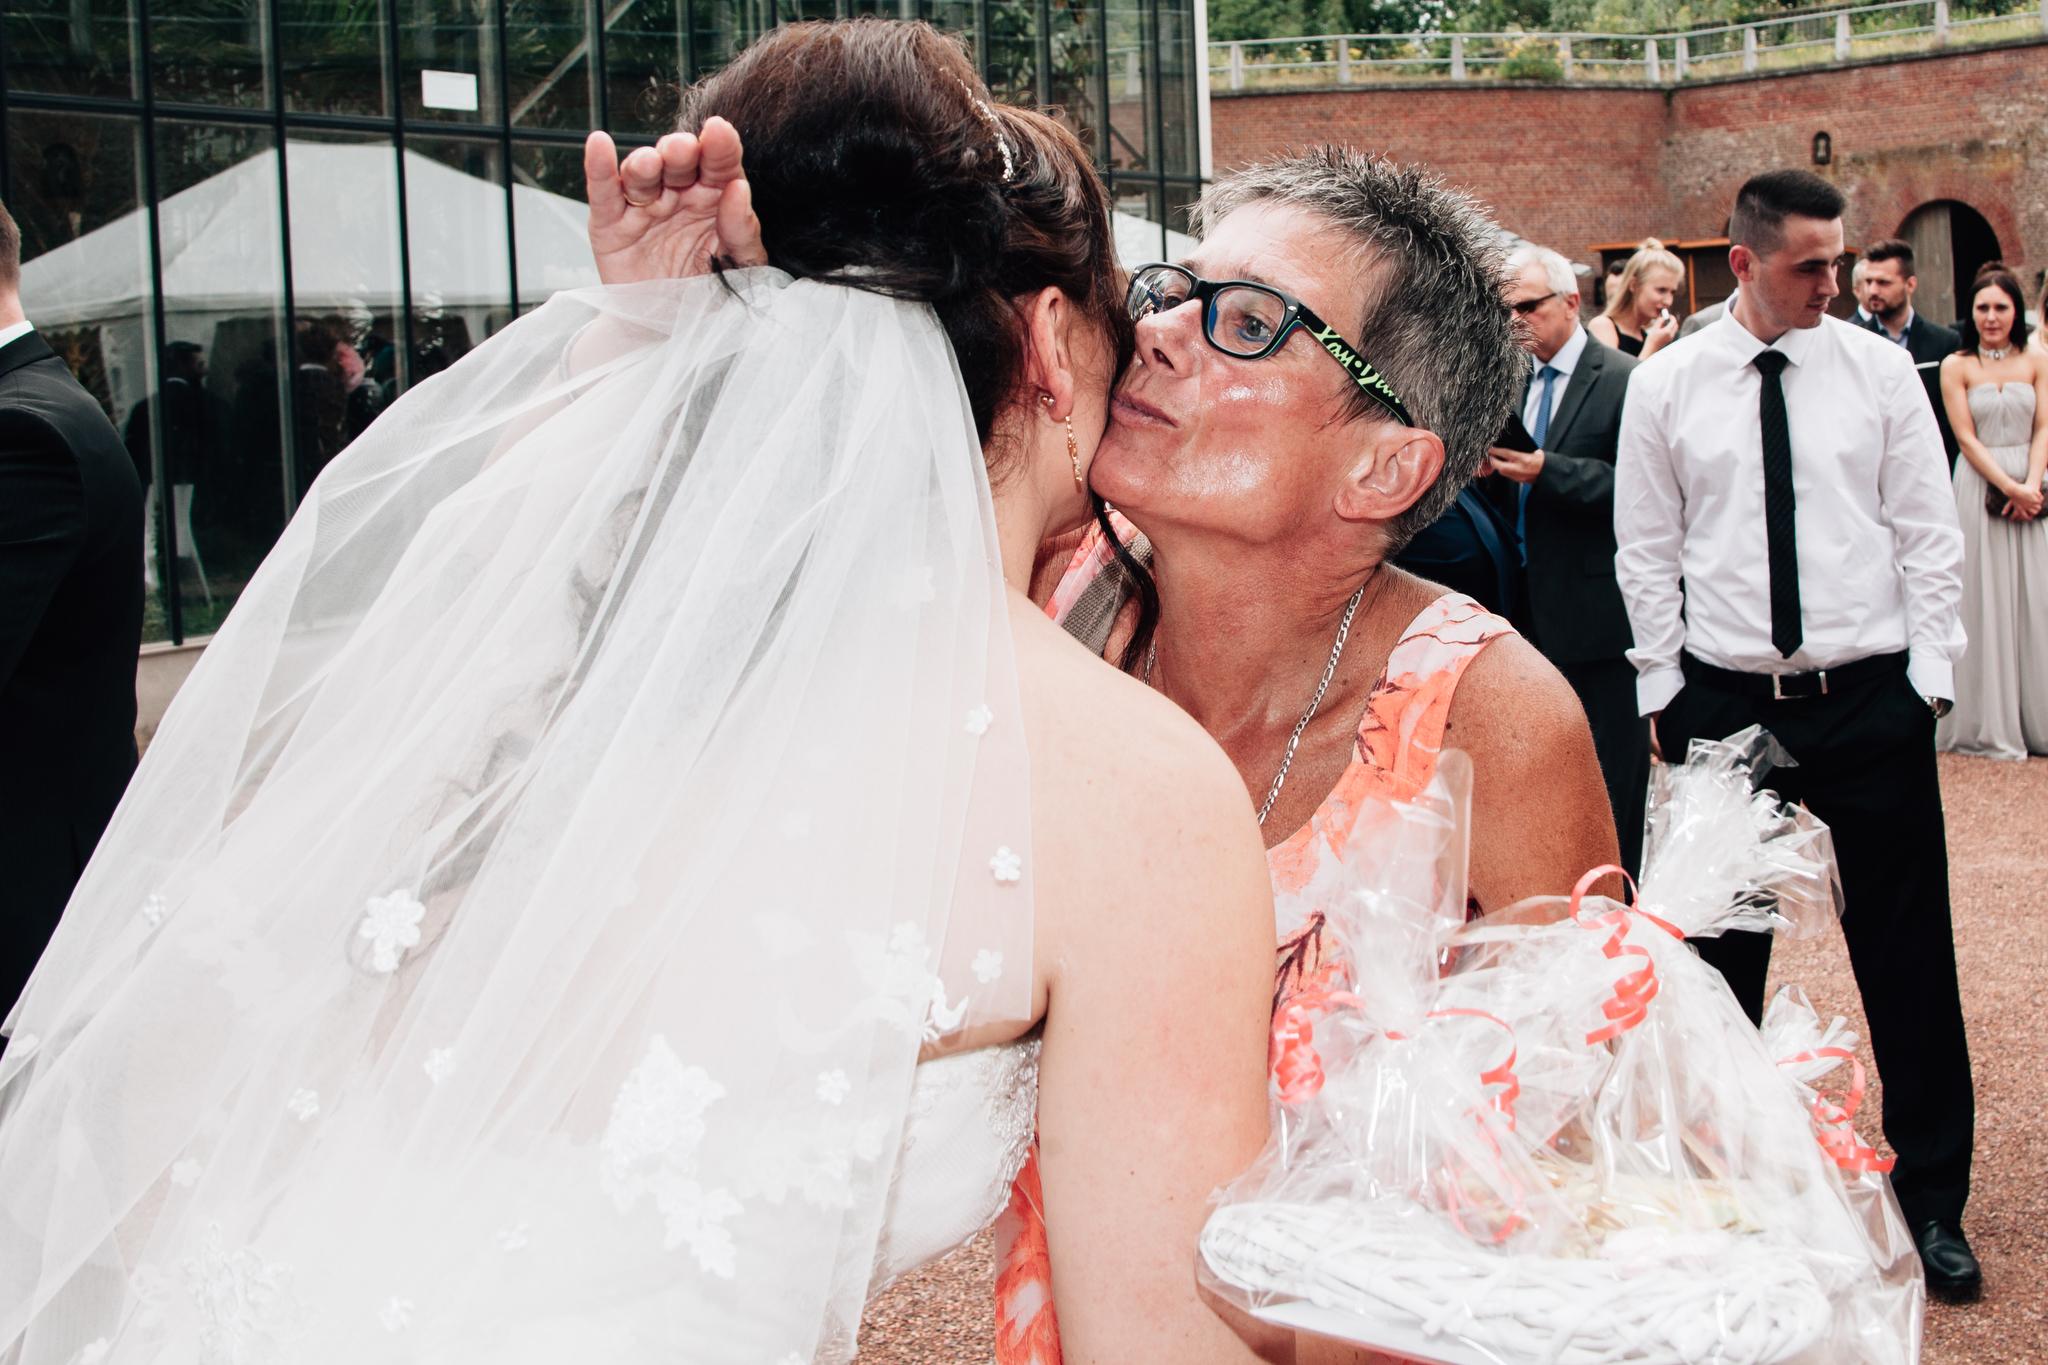 Claudia Krawinkel Fotografie Hochzeitsfotografie Hochzeit Blumenhalle im Brückenkopfpark Jülich Essen Düsseldorf Bochum Dortmund Mönchengladbach NRW Ruhrgebiet 58